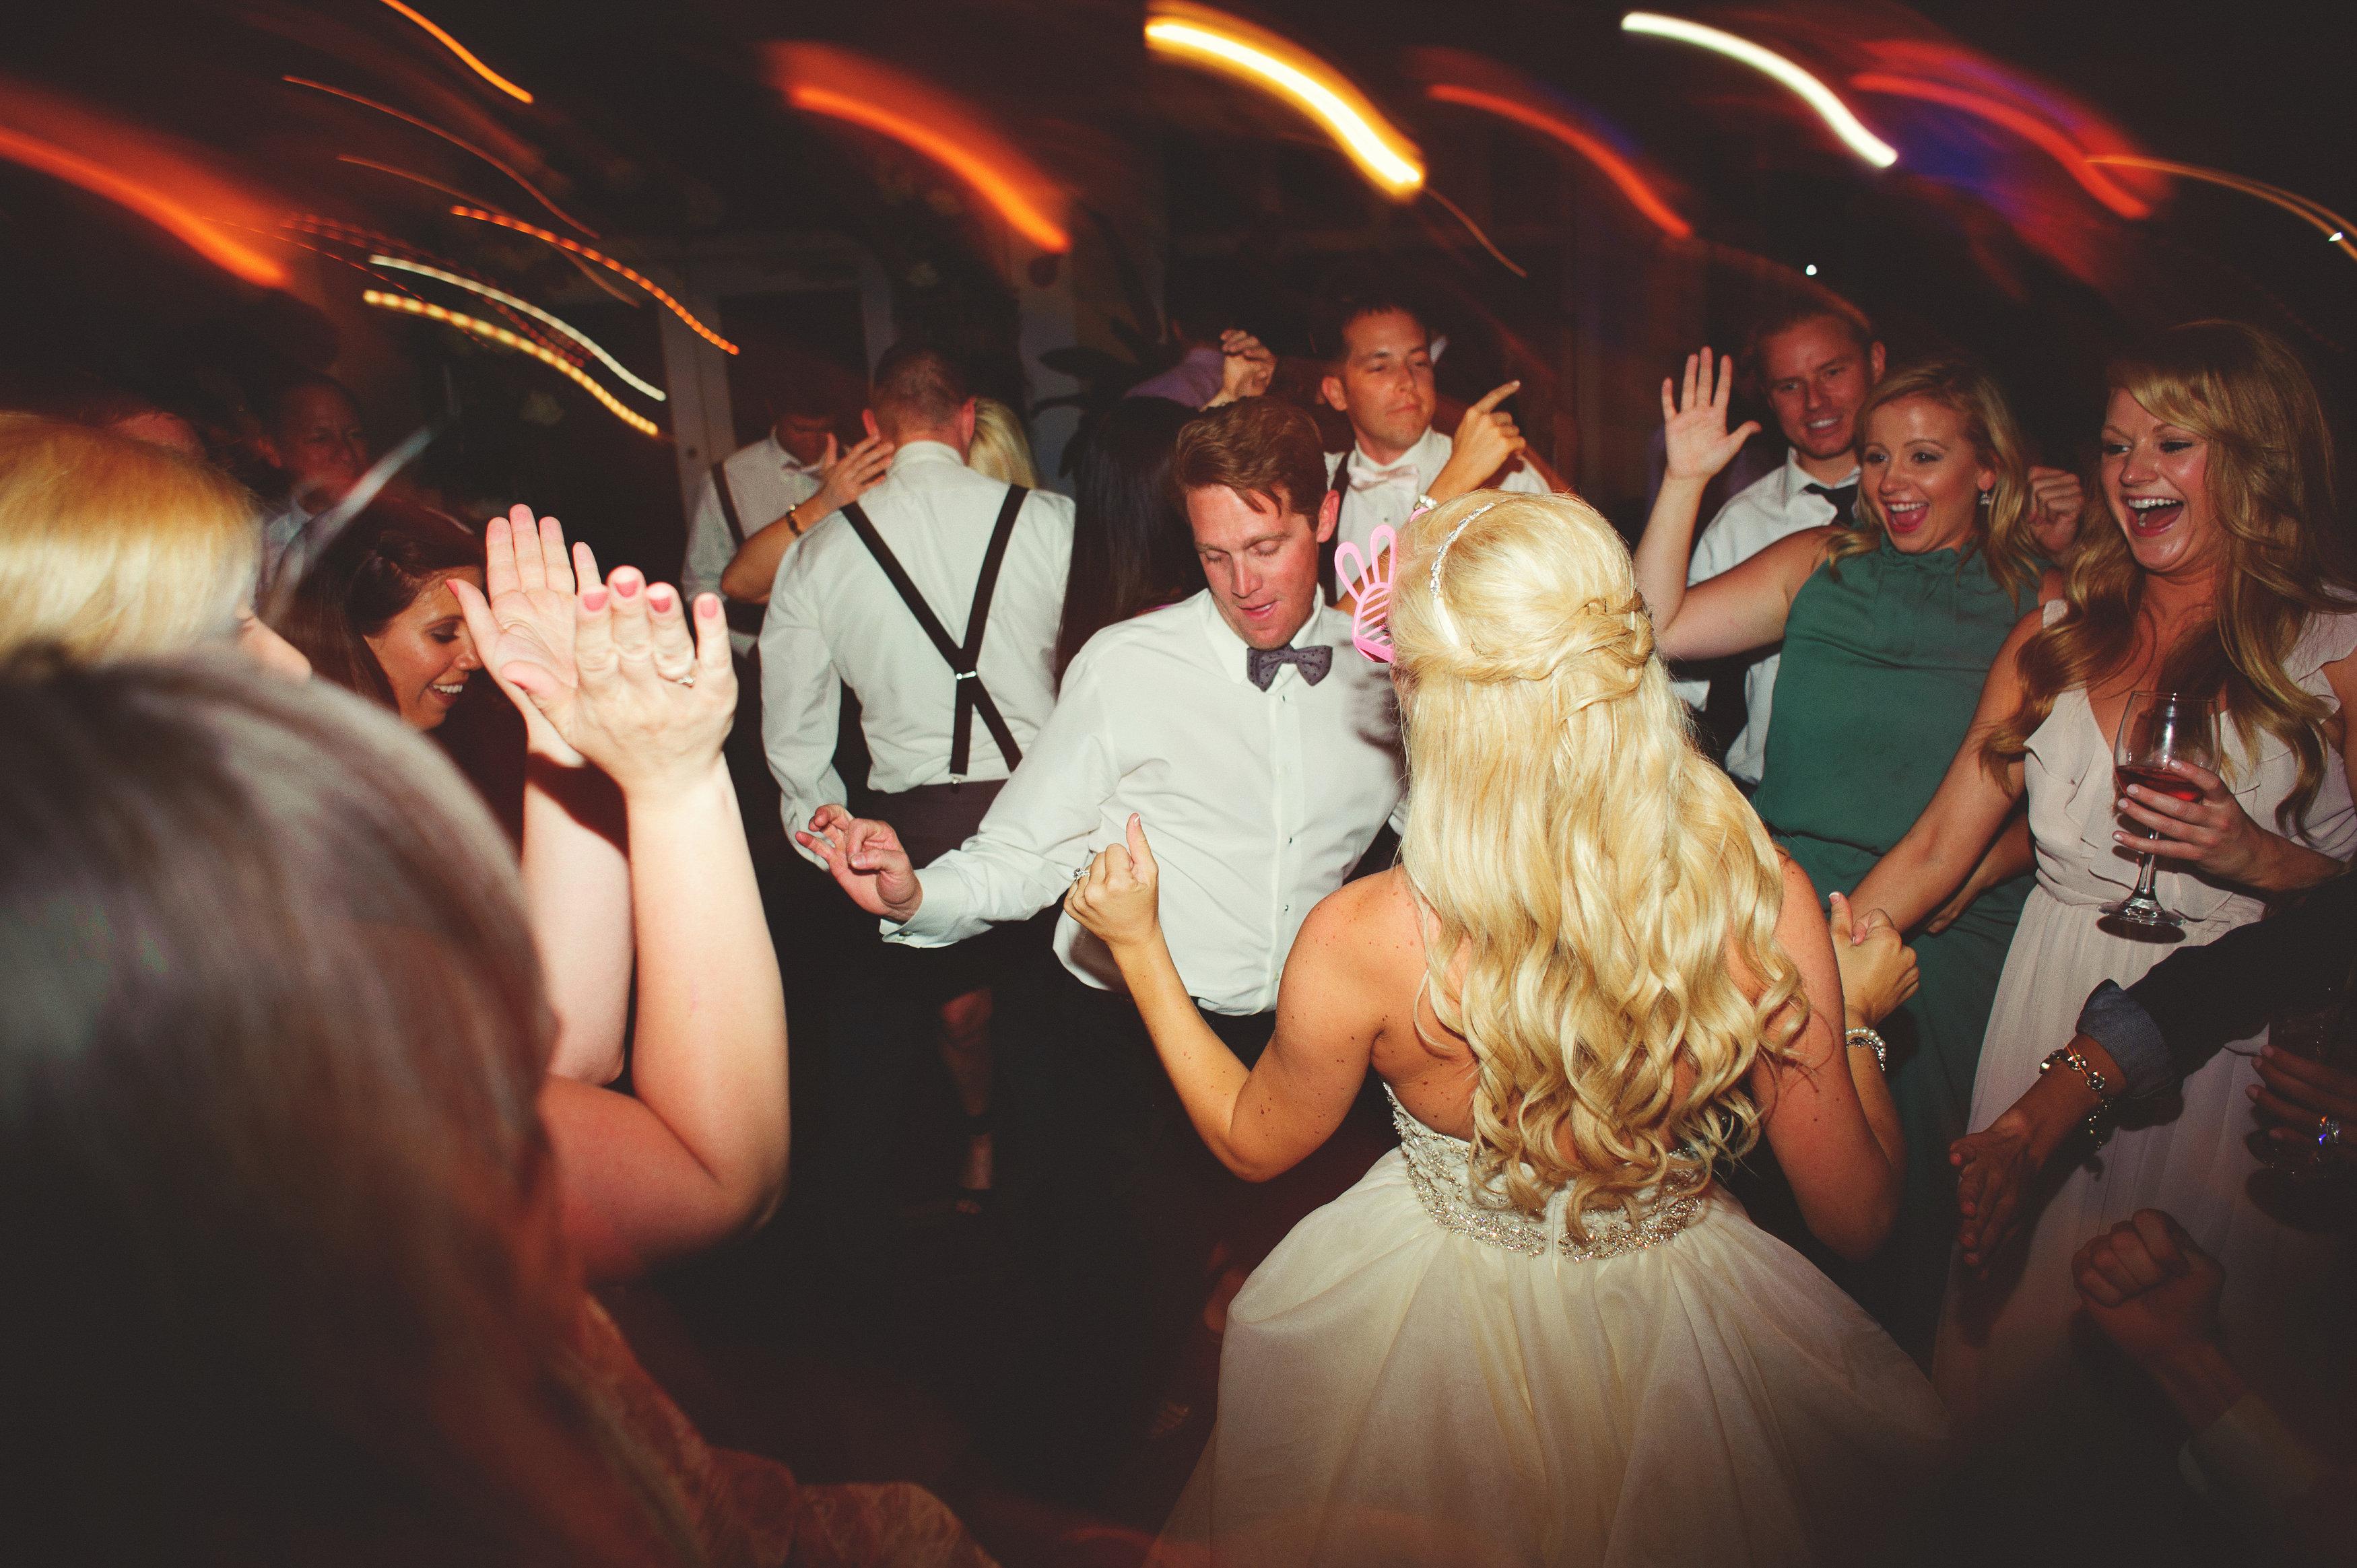 Dancing BG Abbott 13